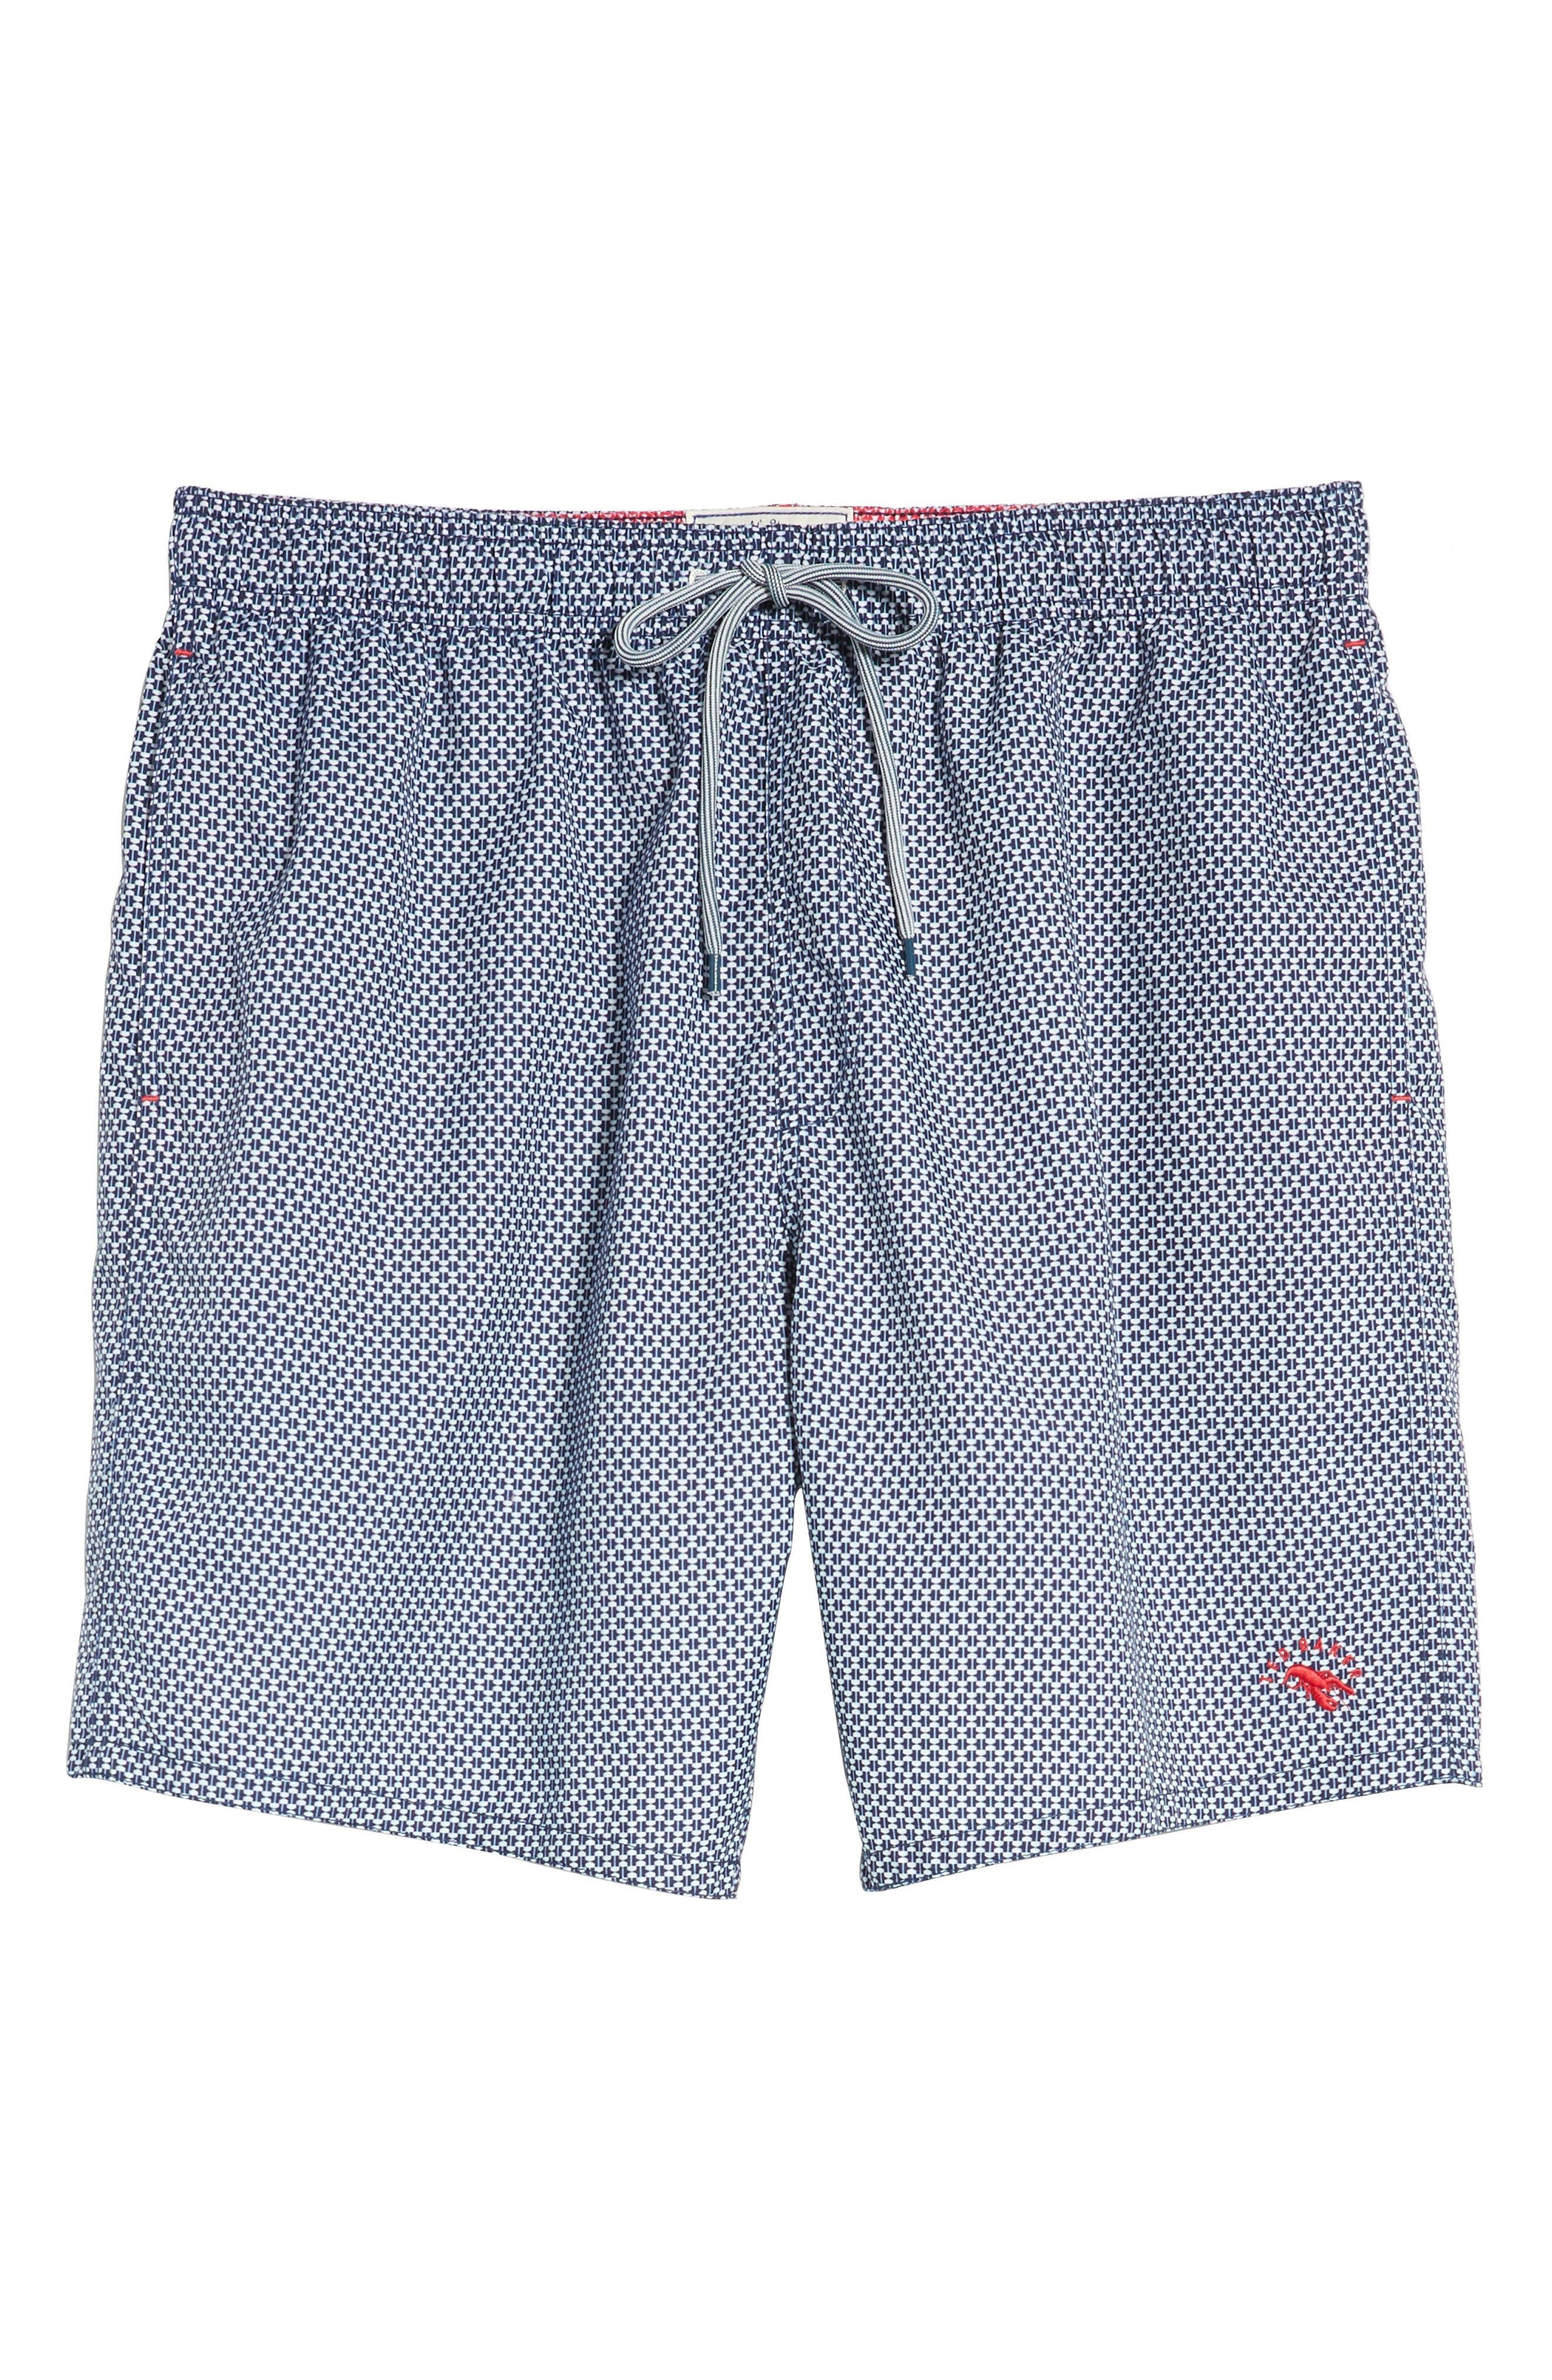 Larkman Geo Print Swim Shorts,                             Alternate thumbnail 12, color,